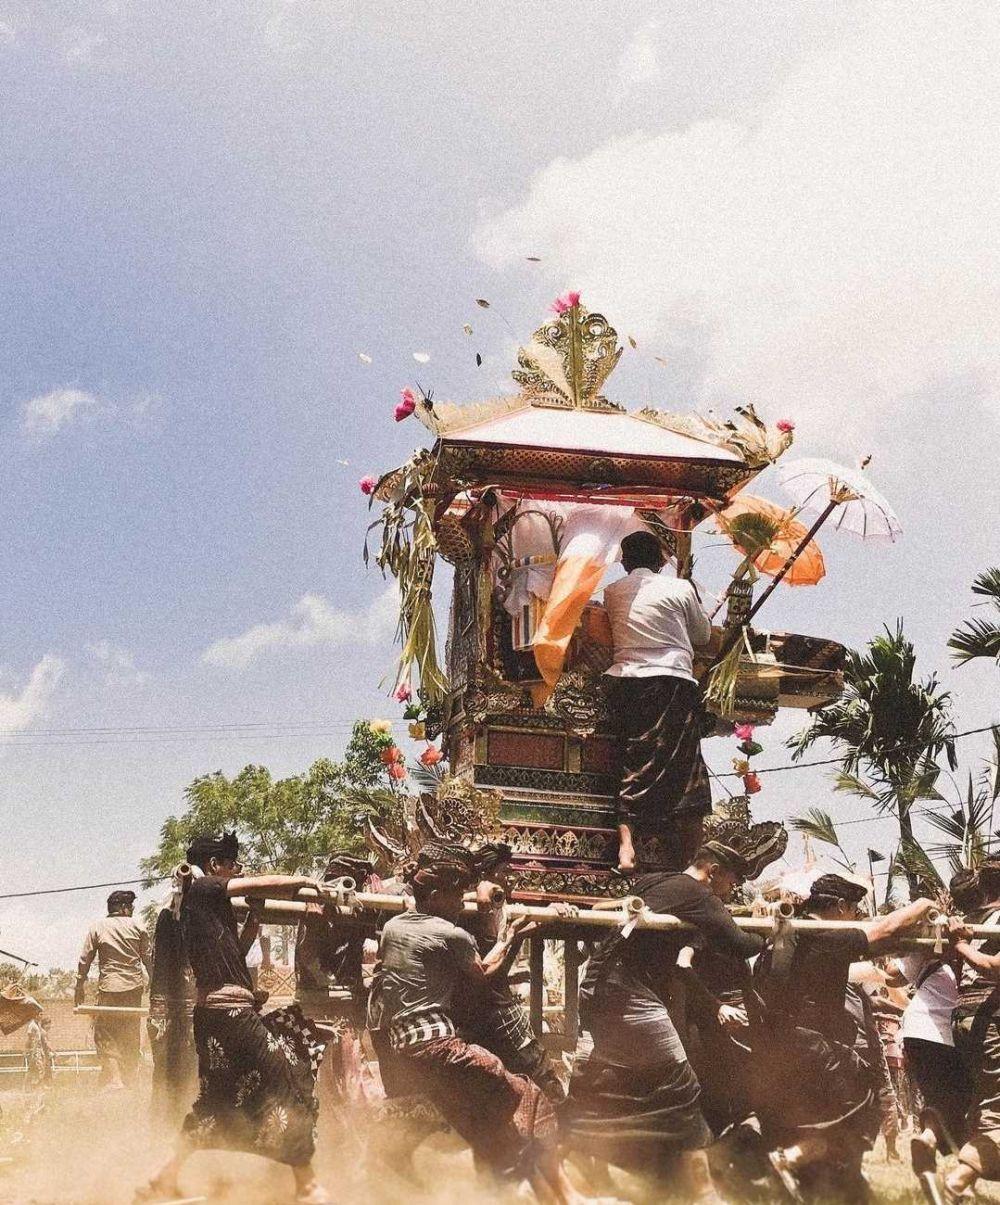 Ada Mumifikasi, Ini 5 Tradisi Unik Pemakaman di Daerah Indonesia